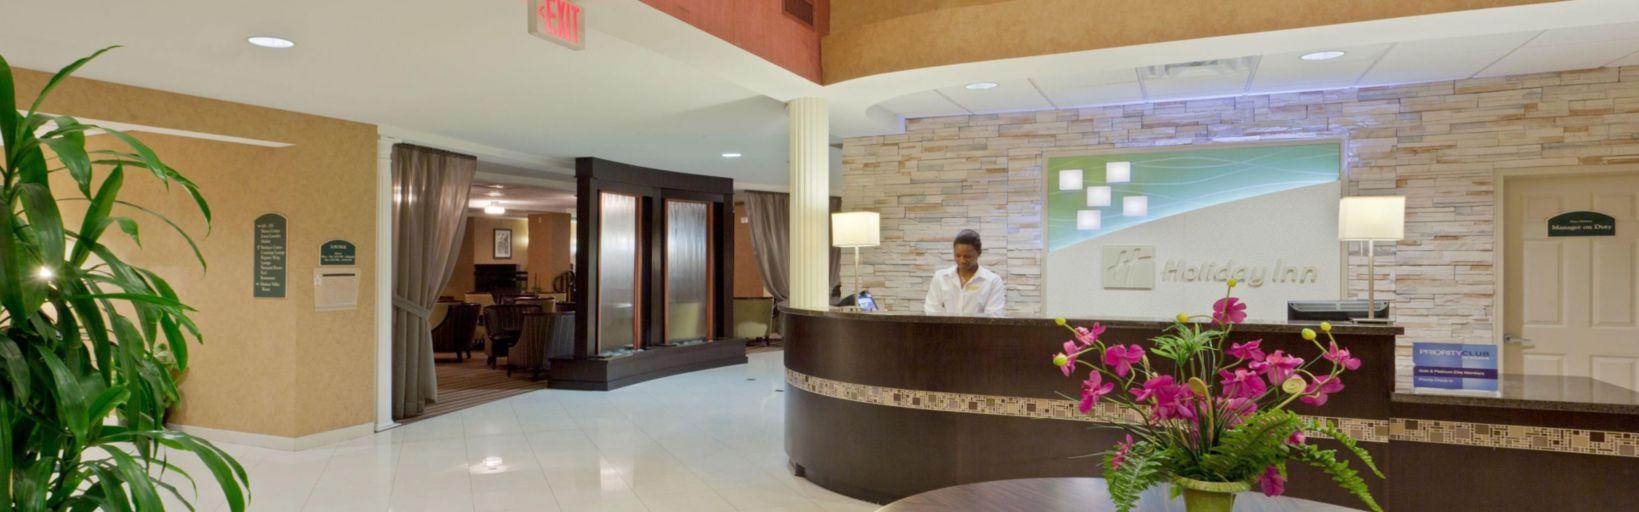 Main Lobby Hotel Exterior